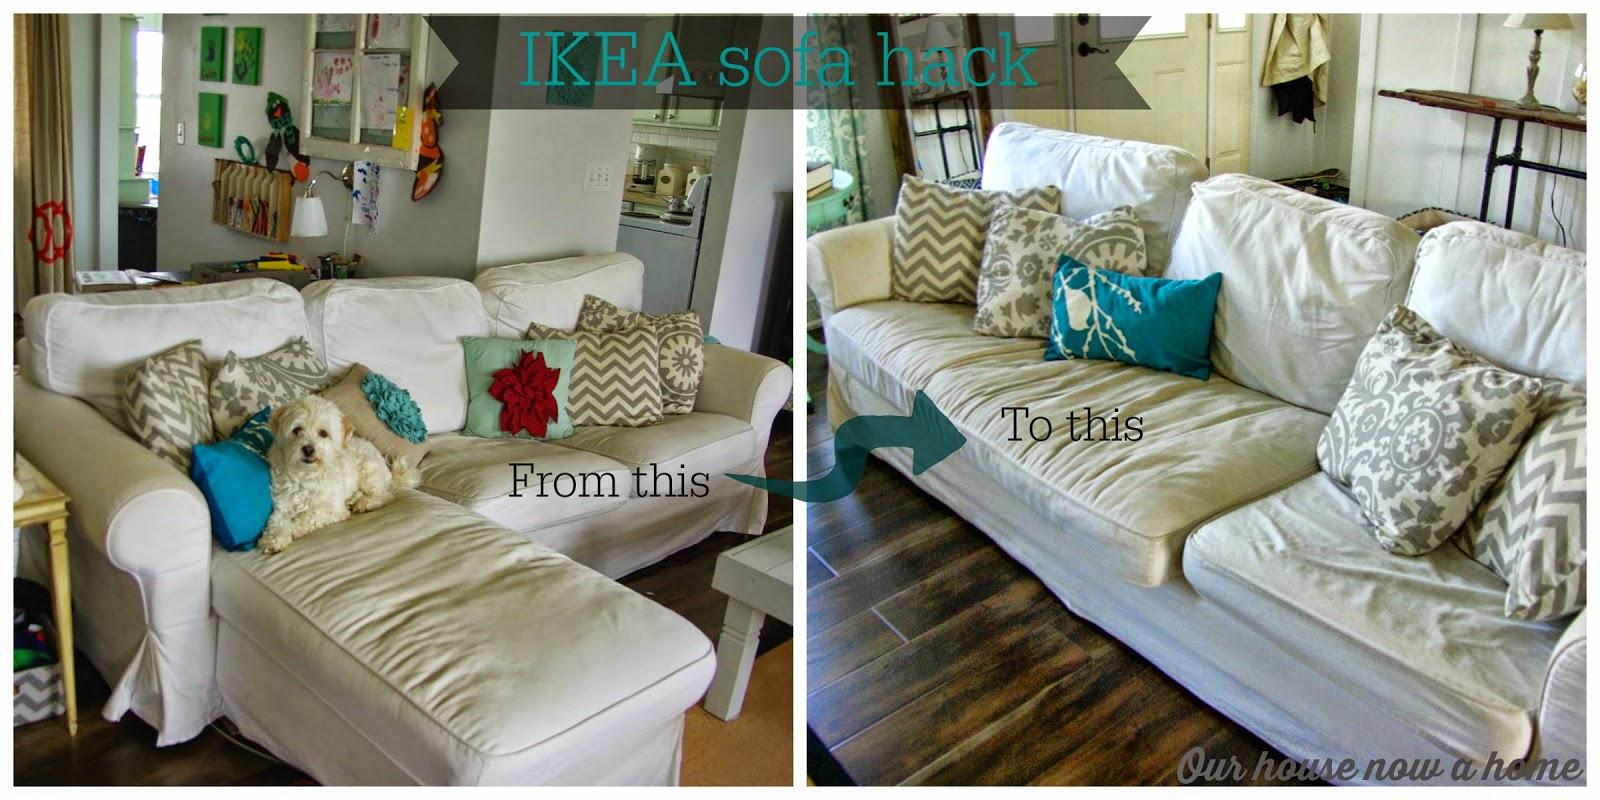 Our house now a home IKEA Ektorp sofa hack : ikea2Bhack from ourhousenowahome.com size 1600 x 800 jpeg 251kB